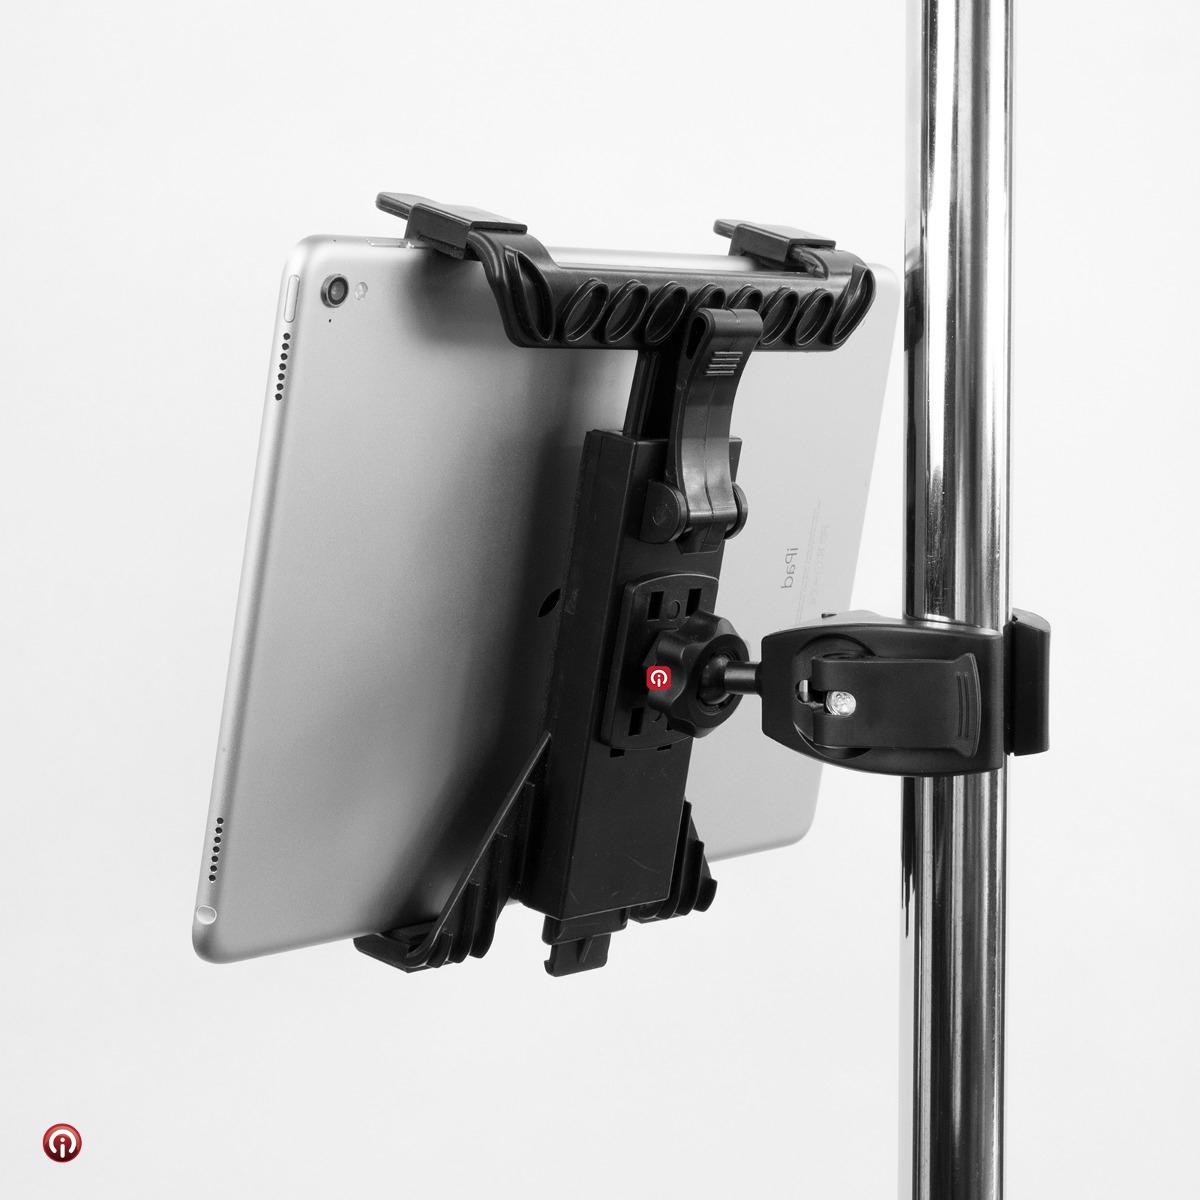 Soporte Tablet Jxdu Tssdj3 soporte Holder Tablet Stand De Microfono Musicos Dj